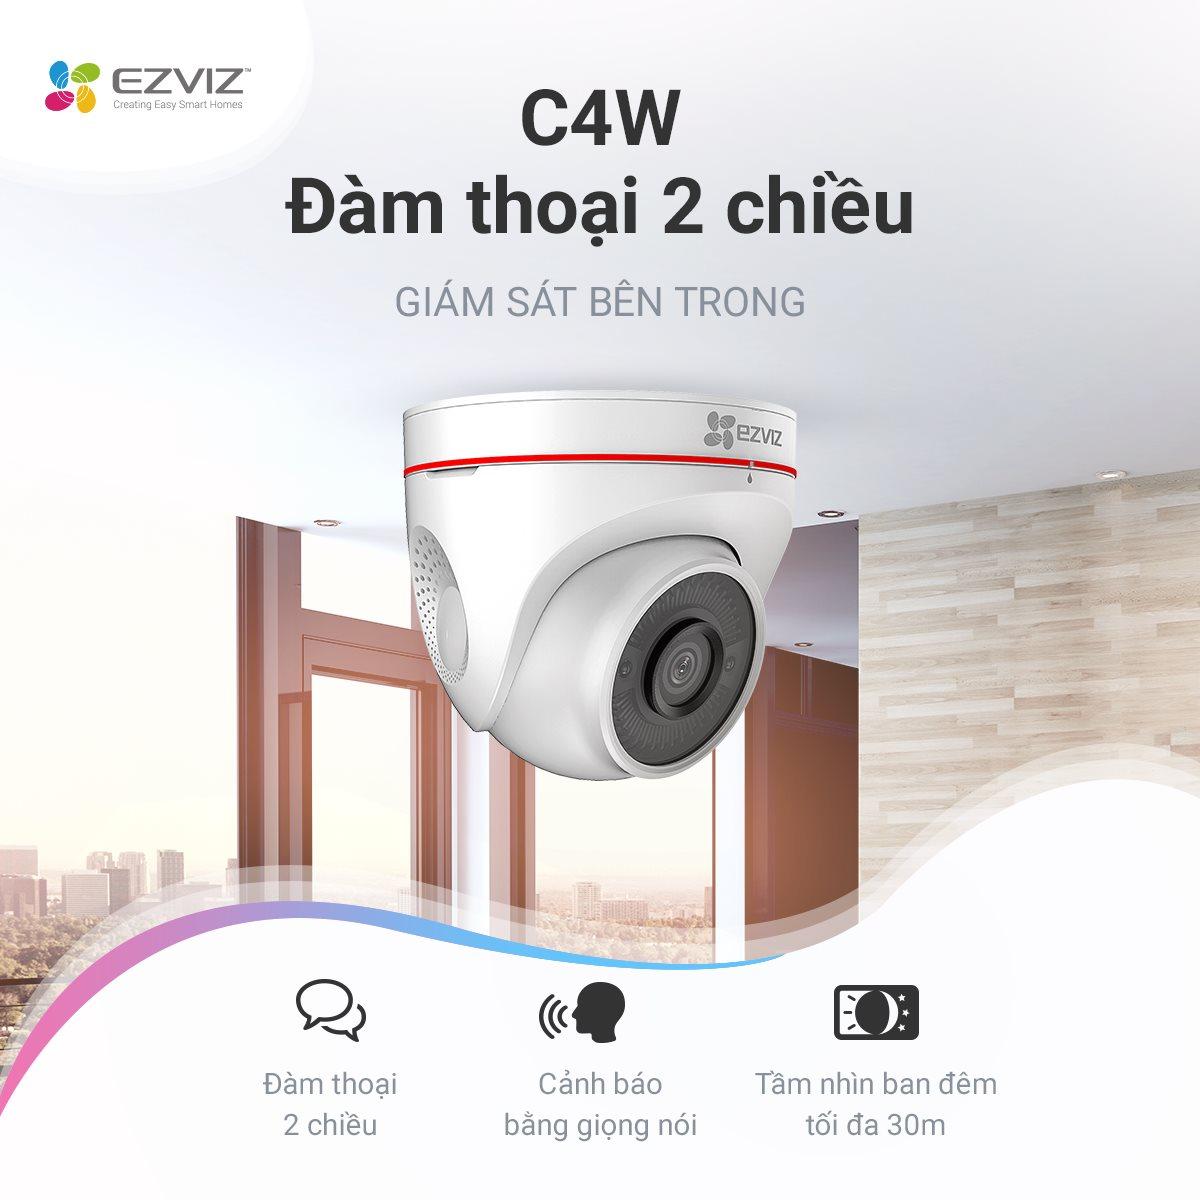 Camera Wifi Ezviz C4W 1080P 2.0Mp FullHD